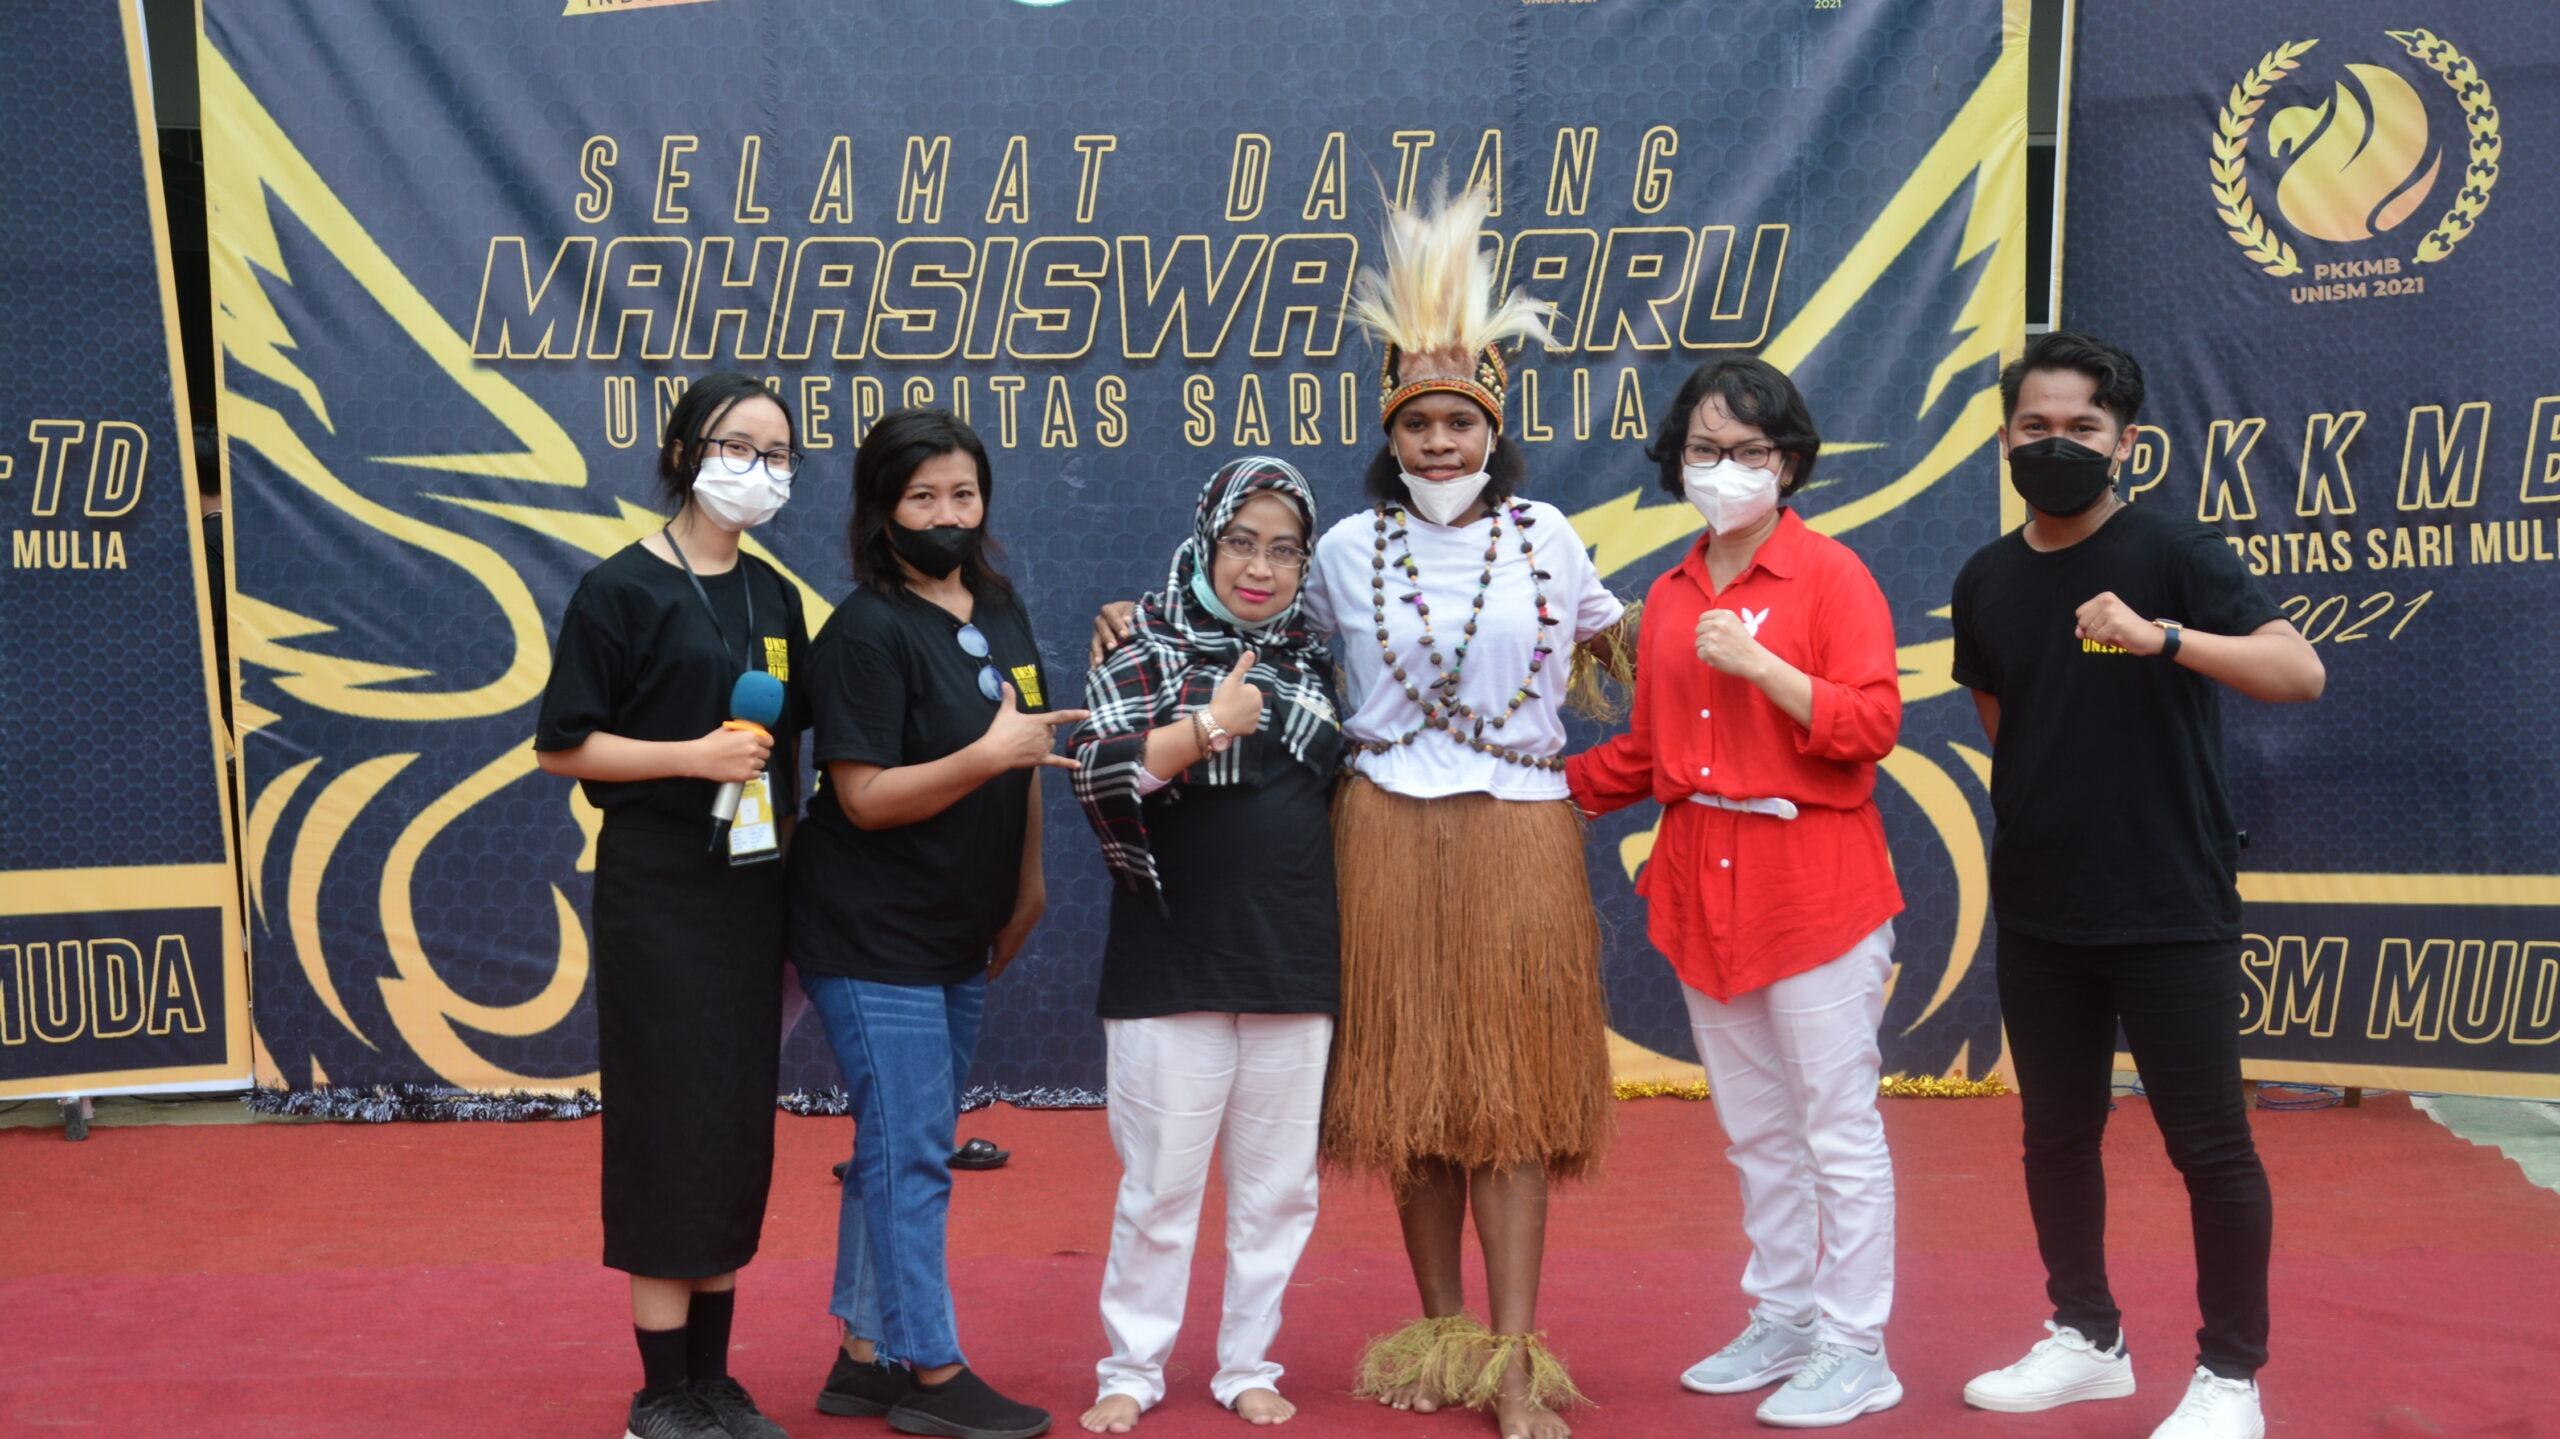 Penutupan PKKMB & LKMM Universitas Sari Mulia T.A 2021/2022